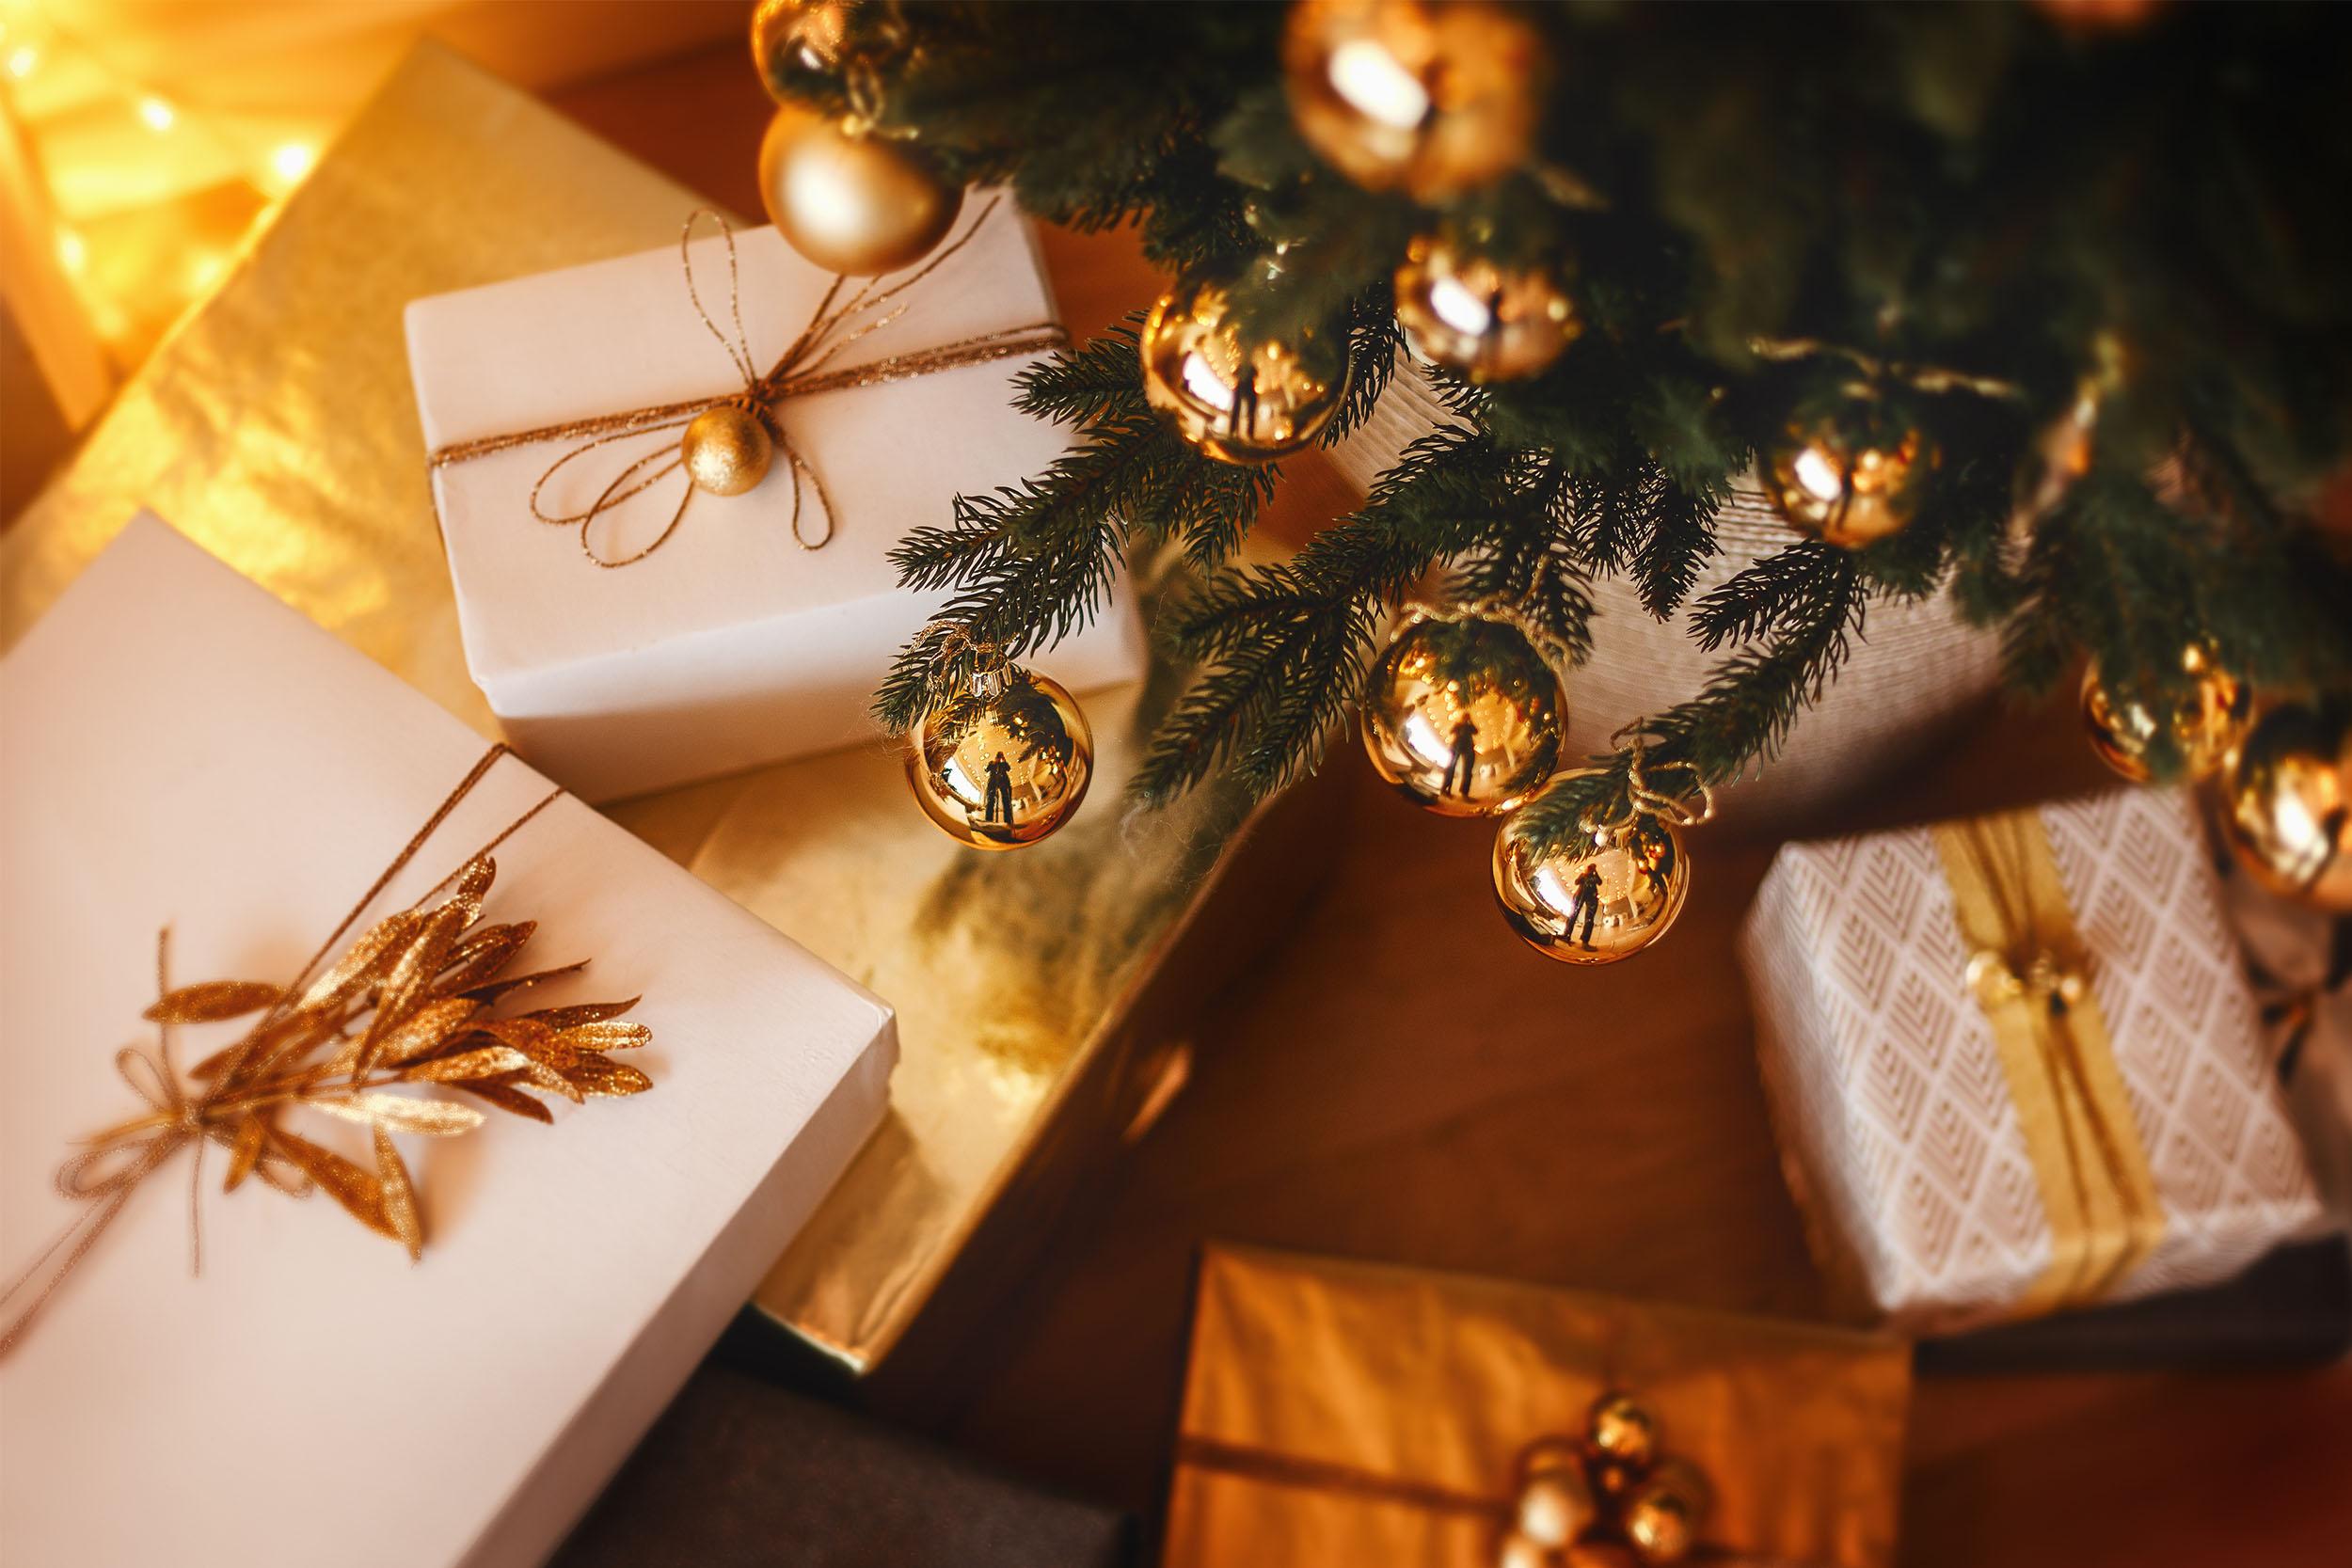 Geschenke unter dem Christbaum